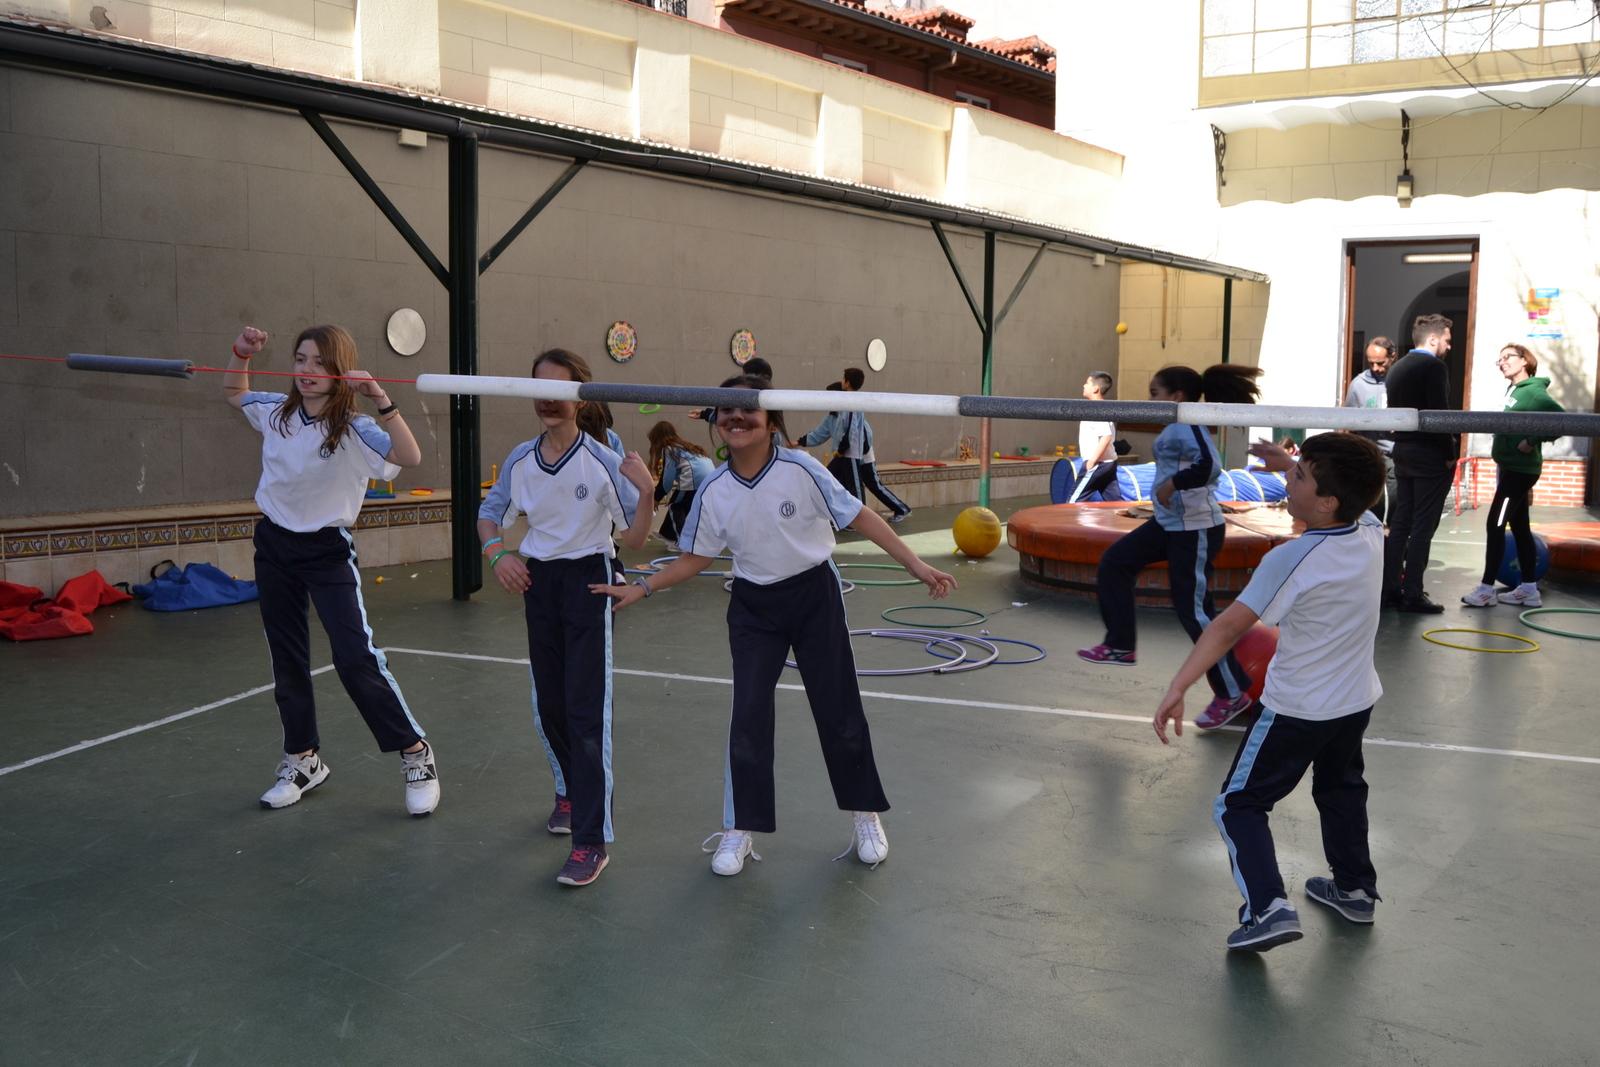 JORNADAS CULTURALES 2019: Juegos 3º y 4º Edu. Primaria 11